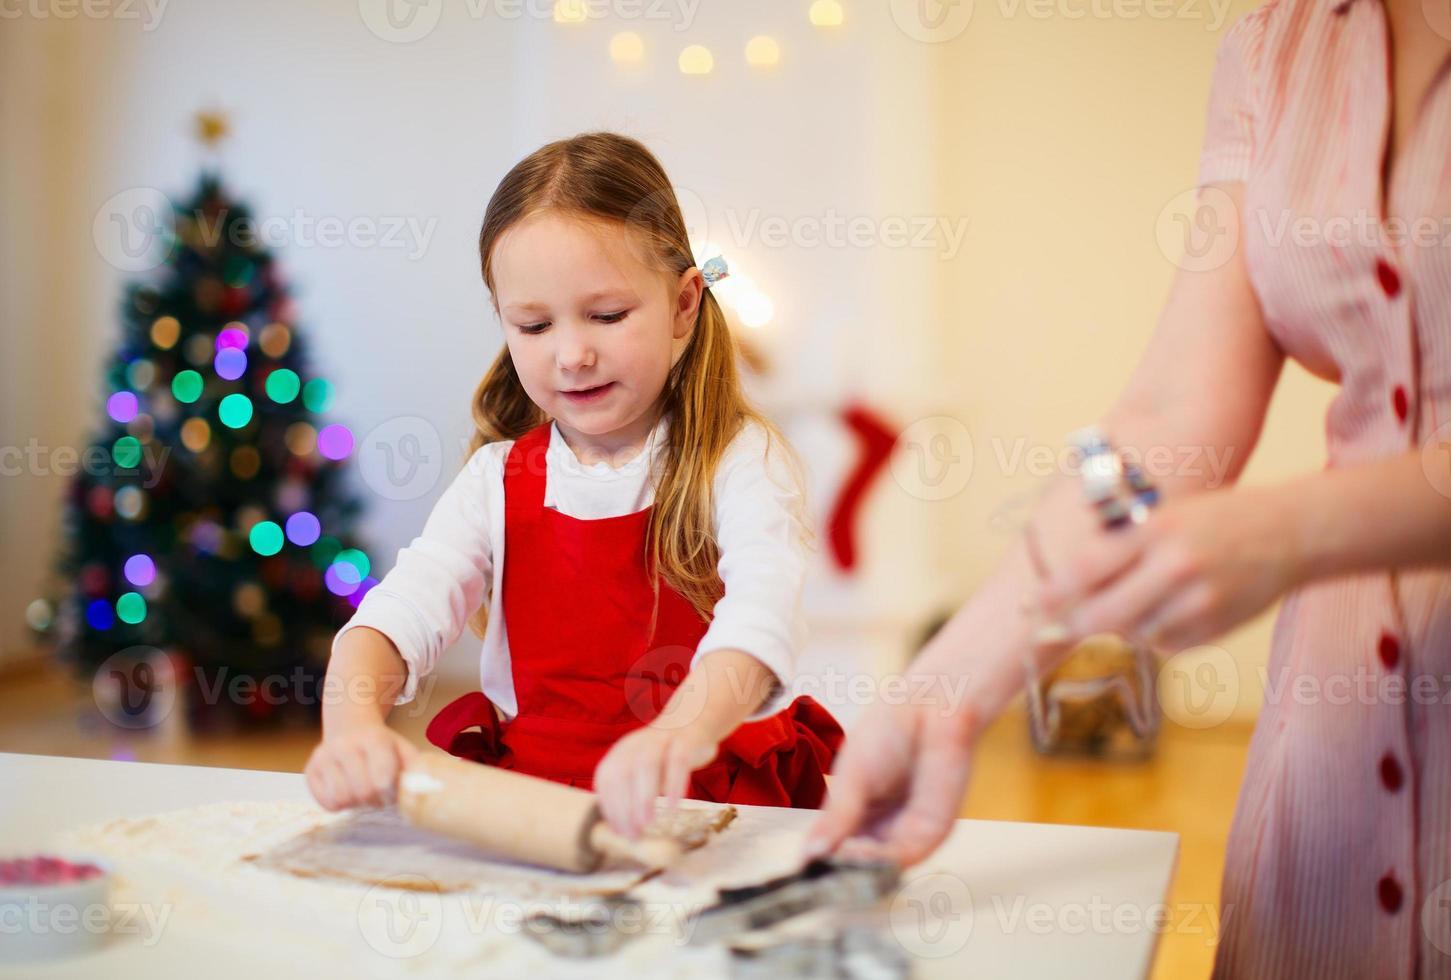 cuisson au four la veille de Noël photo